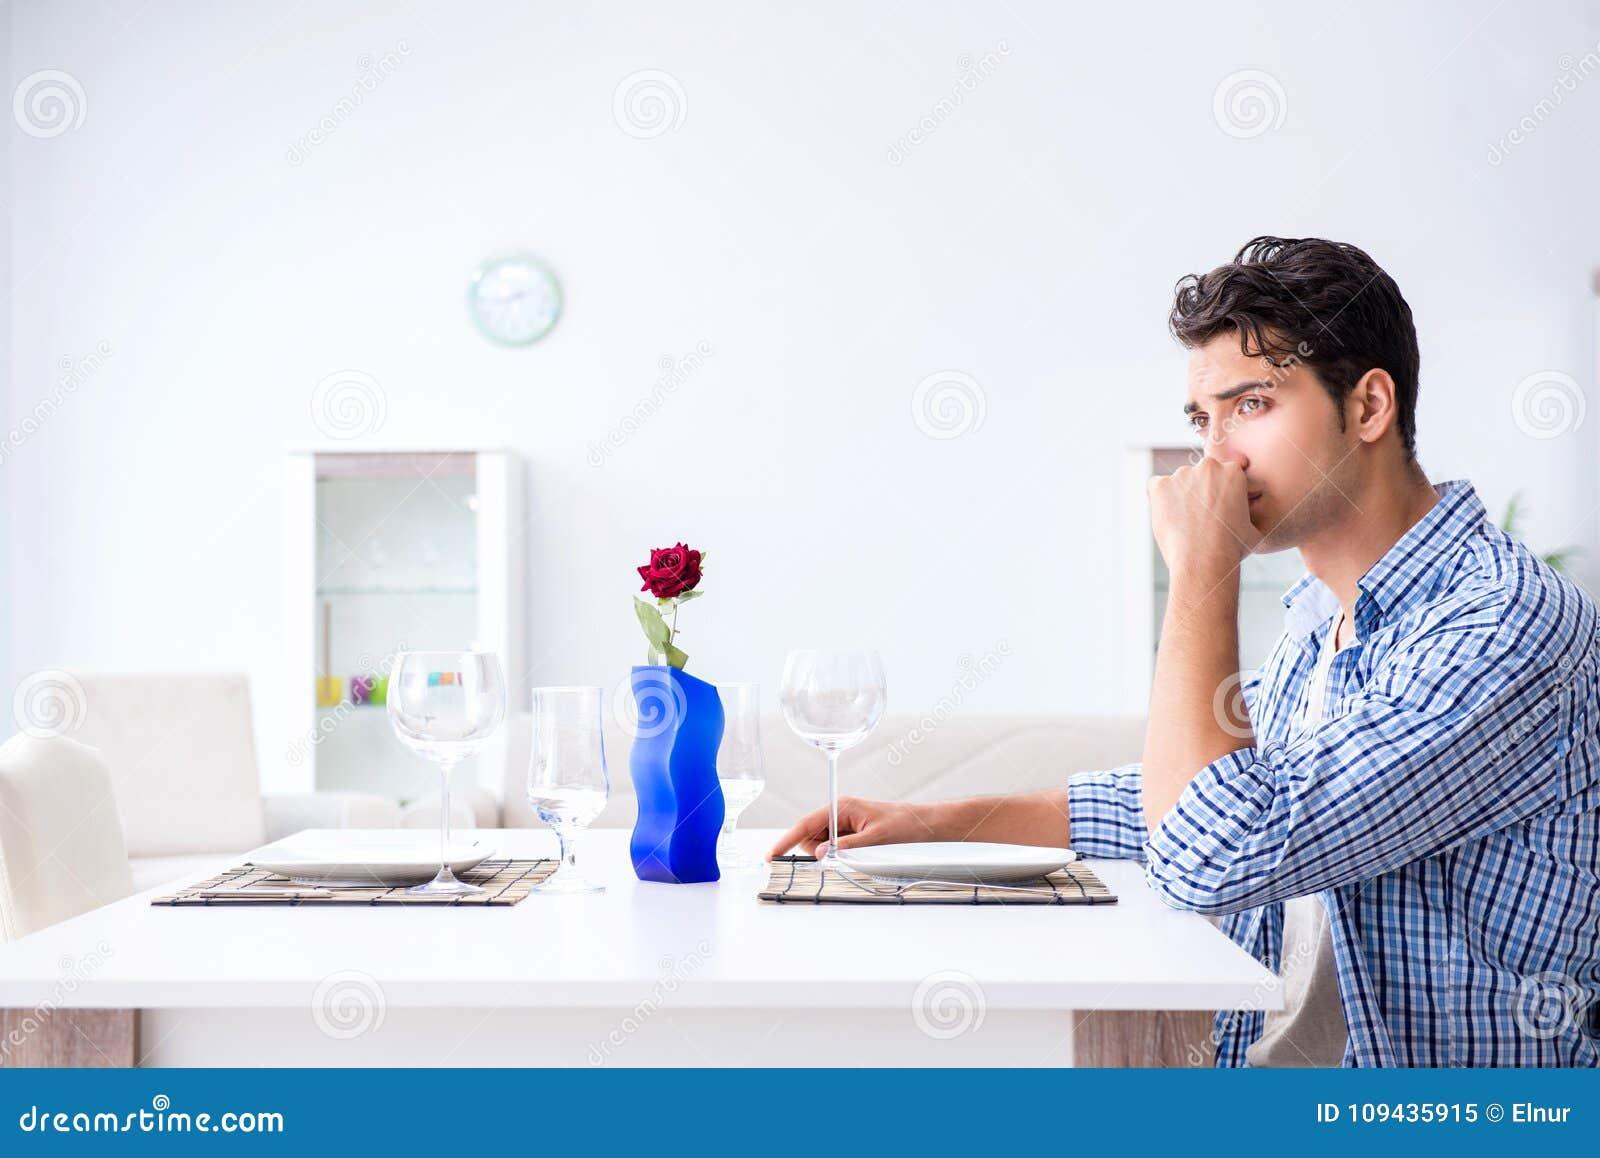 datazione di un ragazzo che sta divorziando